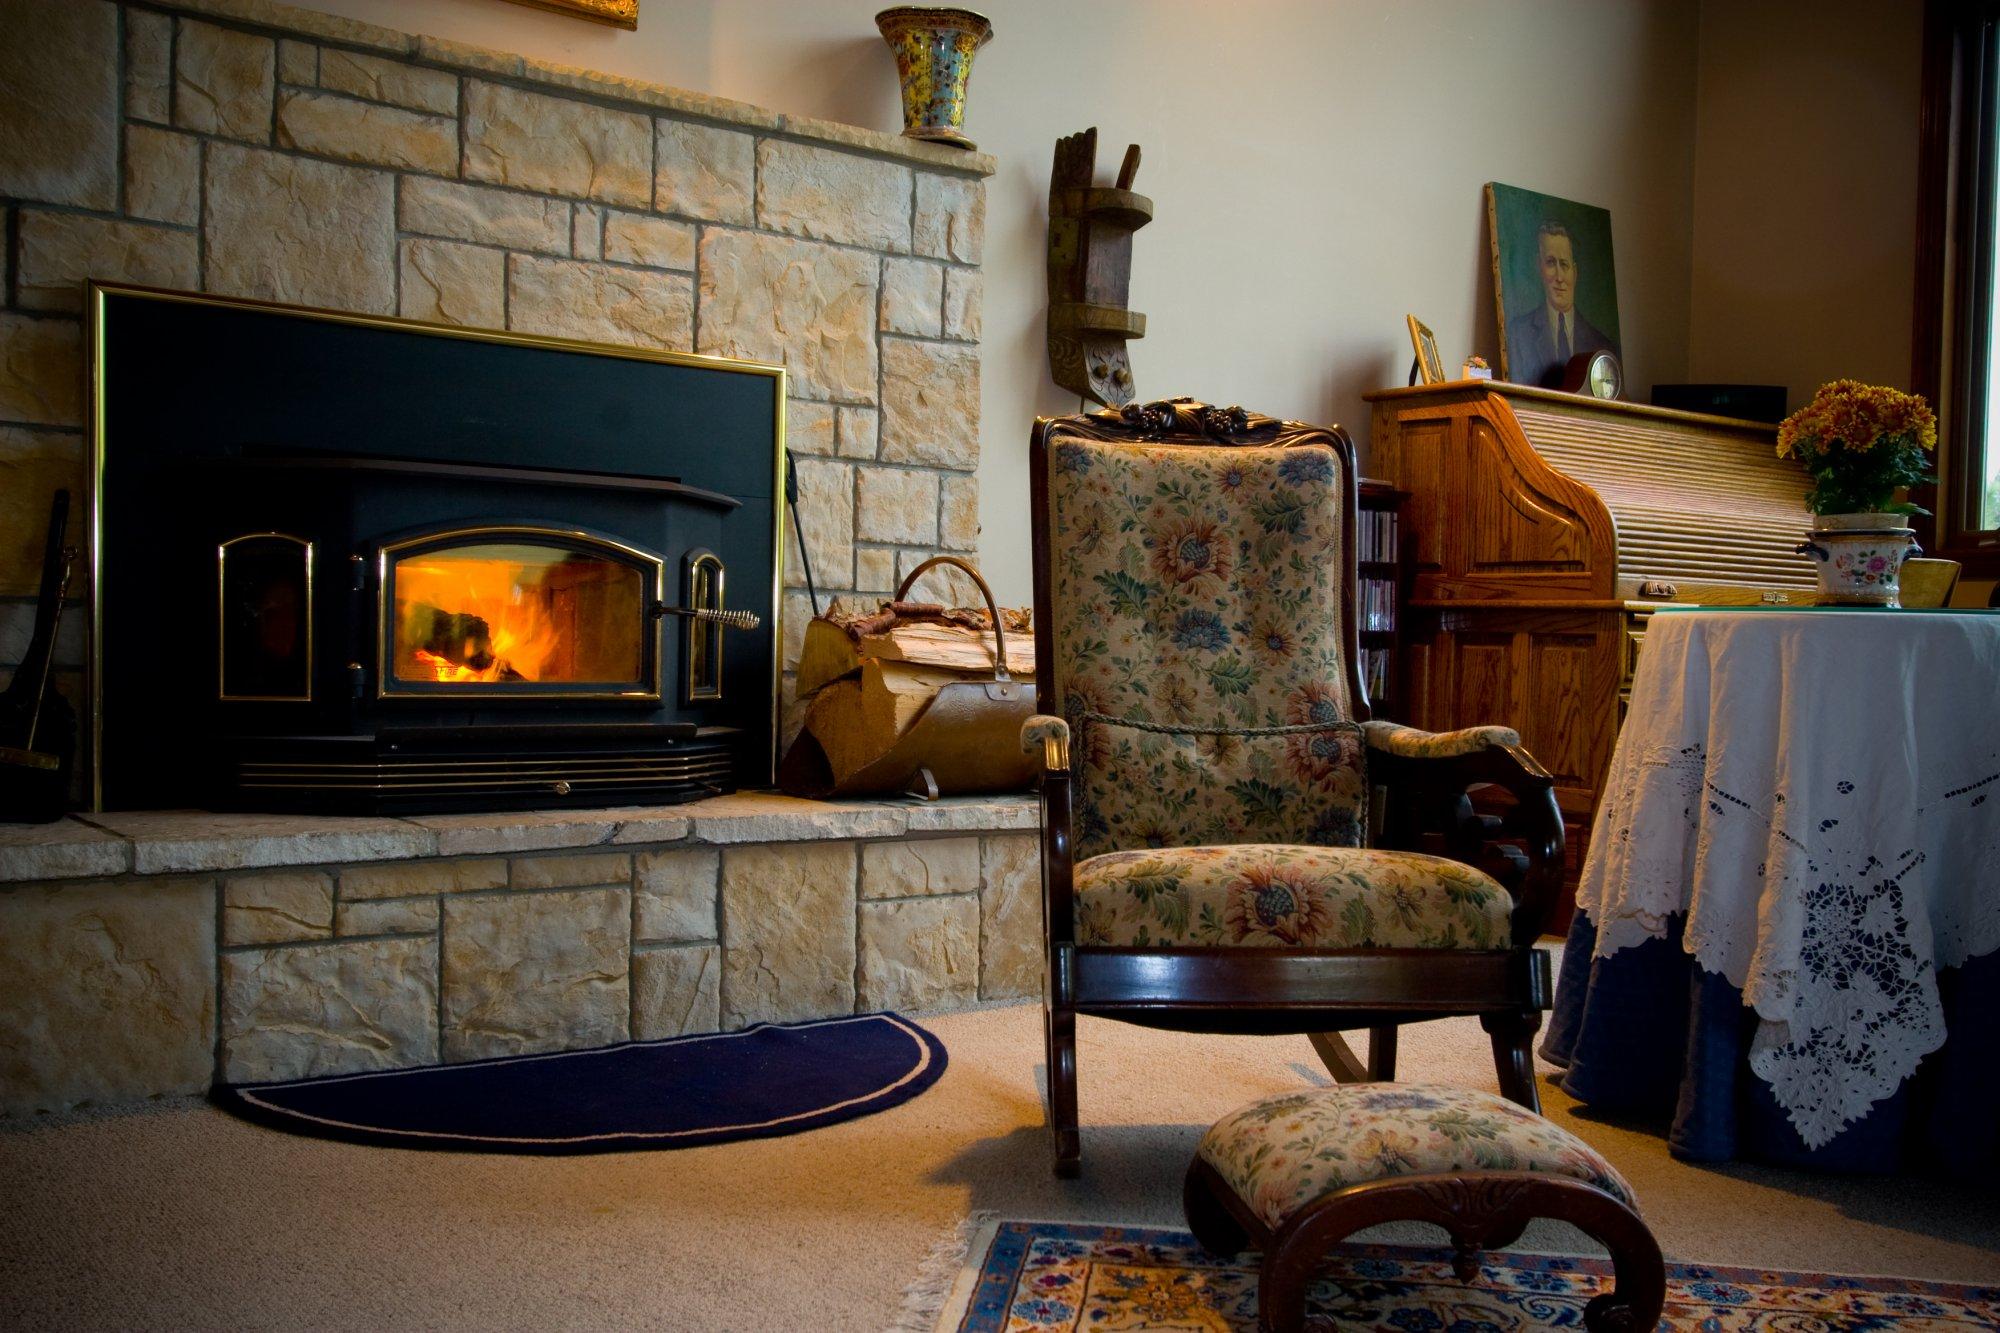 idahome fireplace